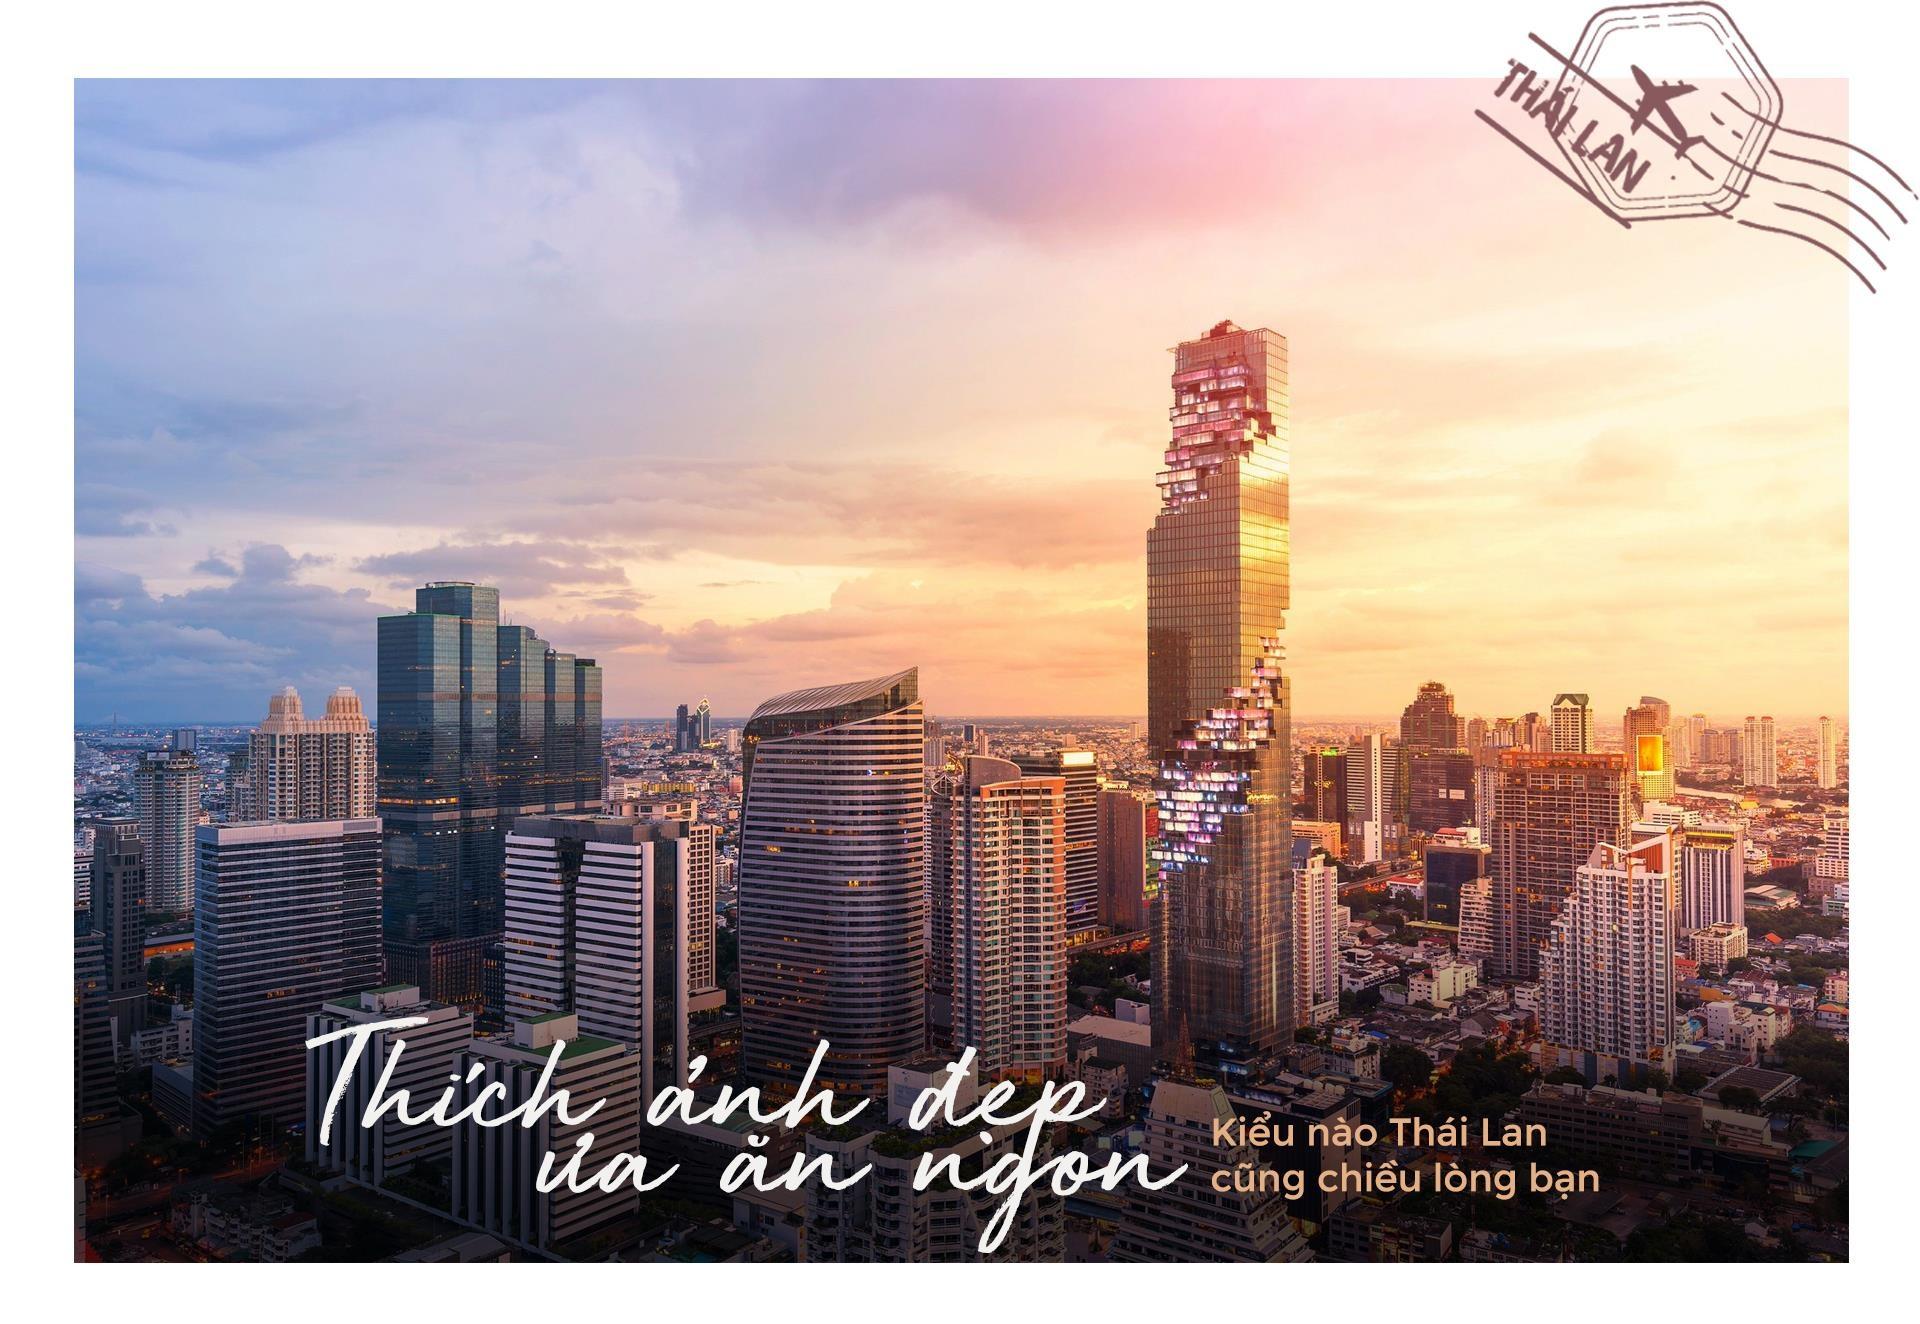 Thich anh dep, ua an ngon: Kieu nao Thai Lan cung chieu long ban hinh anh 2